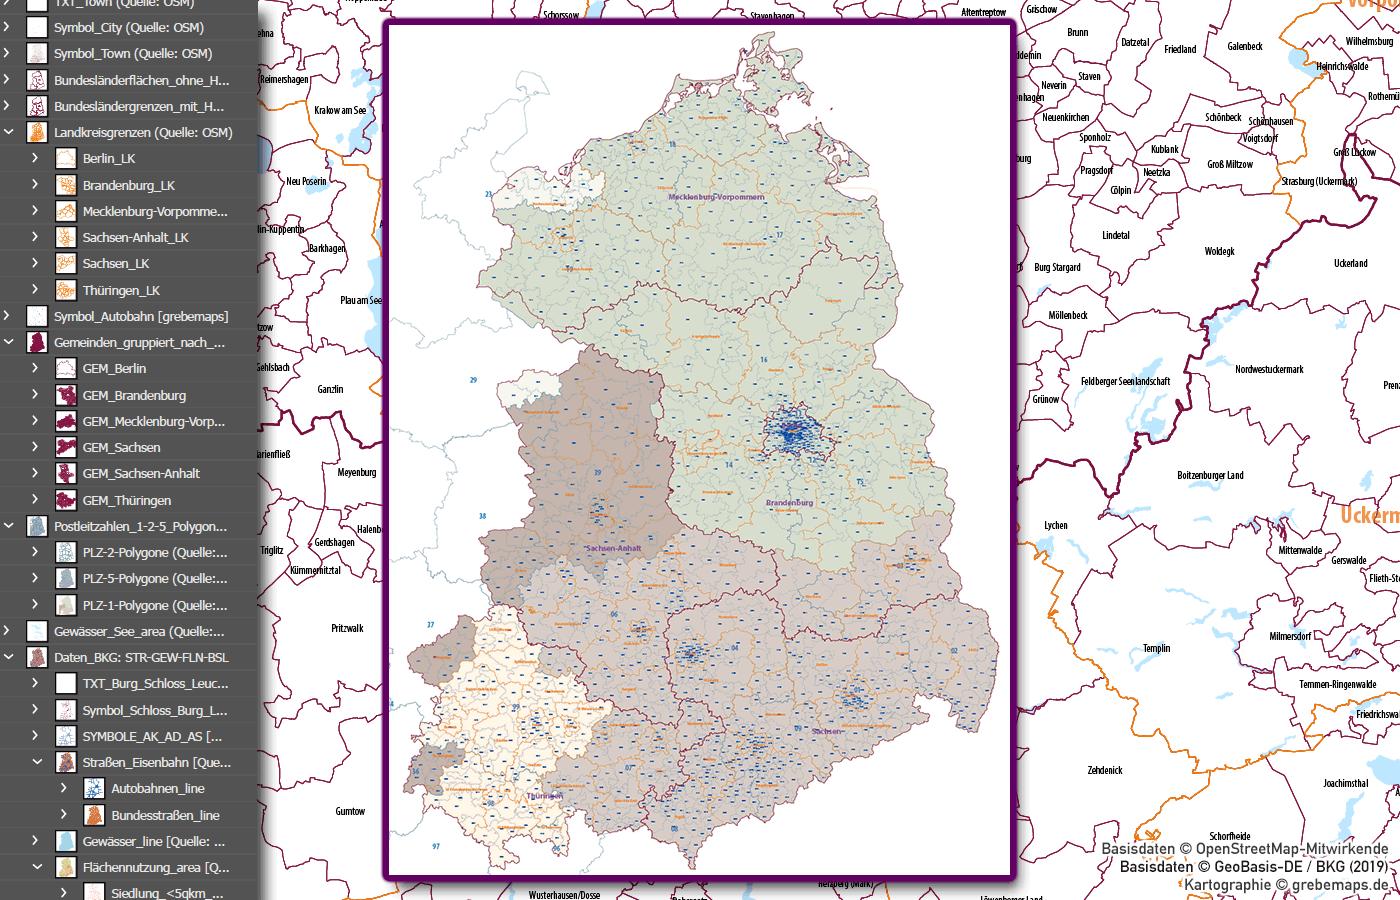 Ostdeutschland Vektorkarte Landkreise Gemeinden Postleitzahlen PLZ-5, Vektorkarte Mecklenburg-Vorpommern, Meck-pom, Vektorkarte Sachsen, Vektorkarte Thüringen, Vektorkarte Brandenburg, AI, download, editierbar